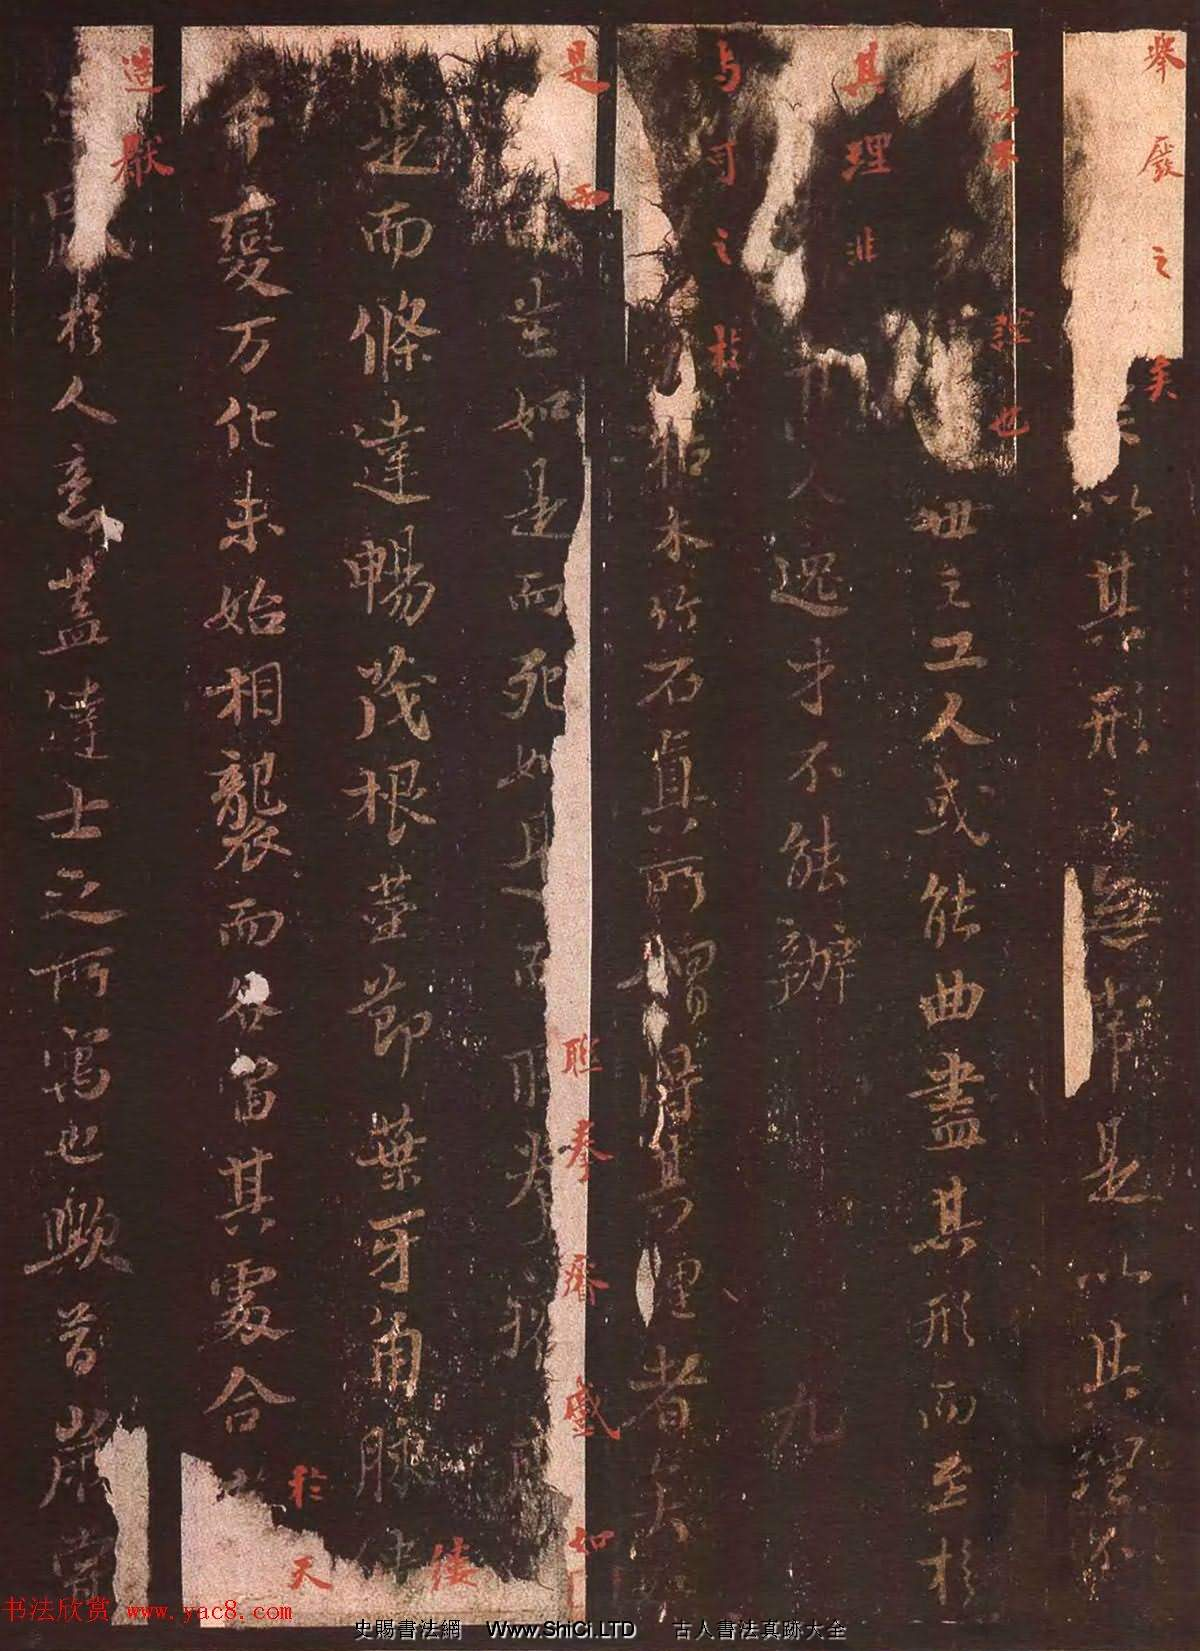 蘇軾書法拓本《文與可畫竹贊+墨竹枯木記》